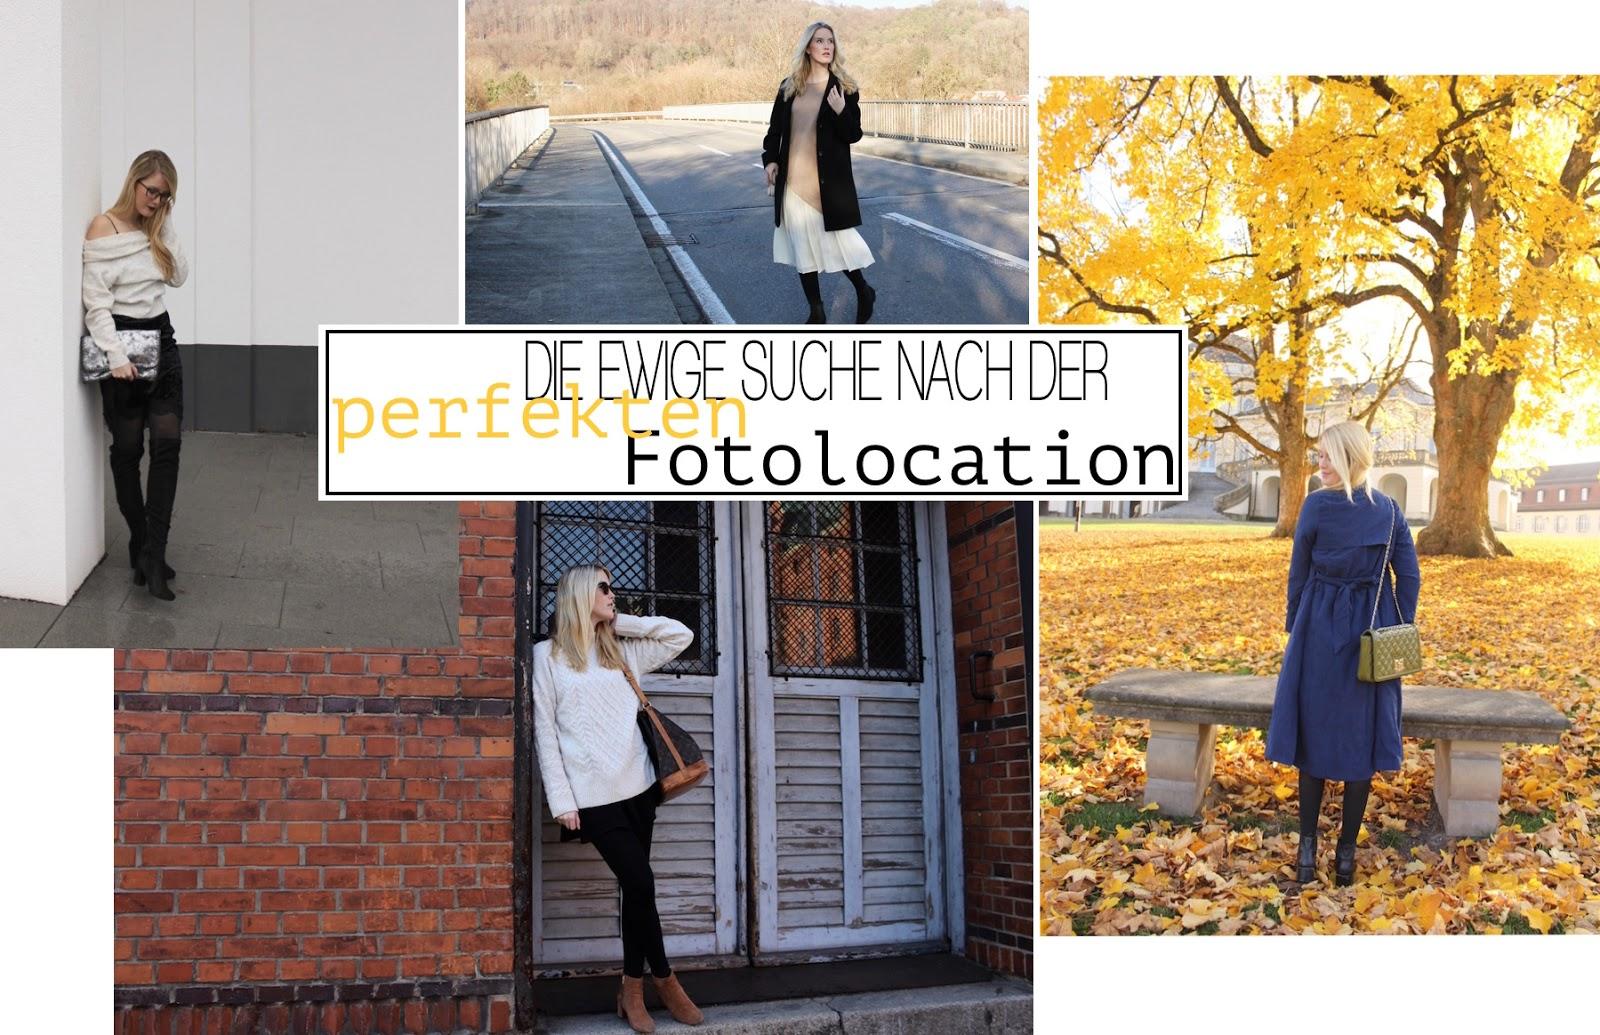 Perfekte Location für Outfitfotos finden - Die ewige Suche nach Fotohintergründen  http://www.theblondelion.com/2017/01/die-perfekte-location-fuer-outfit-fotos.html